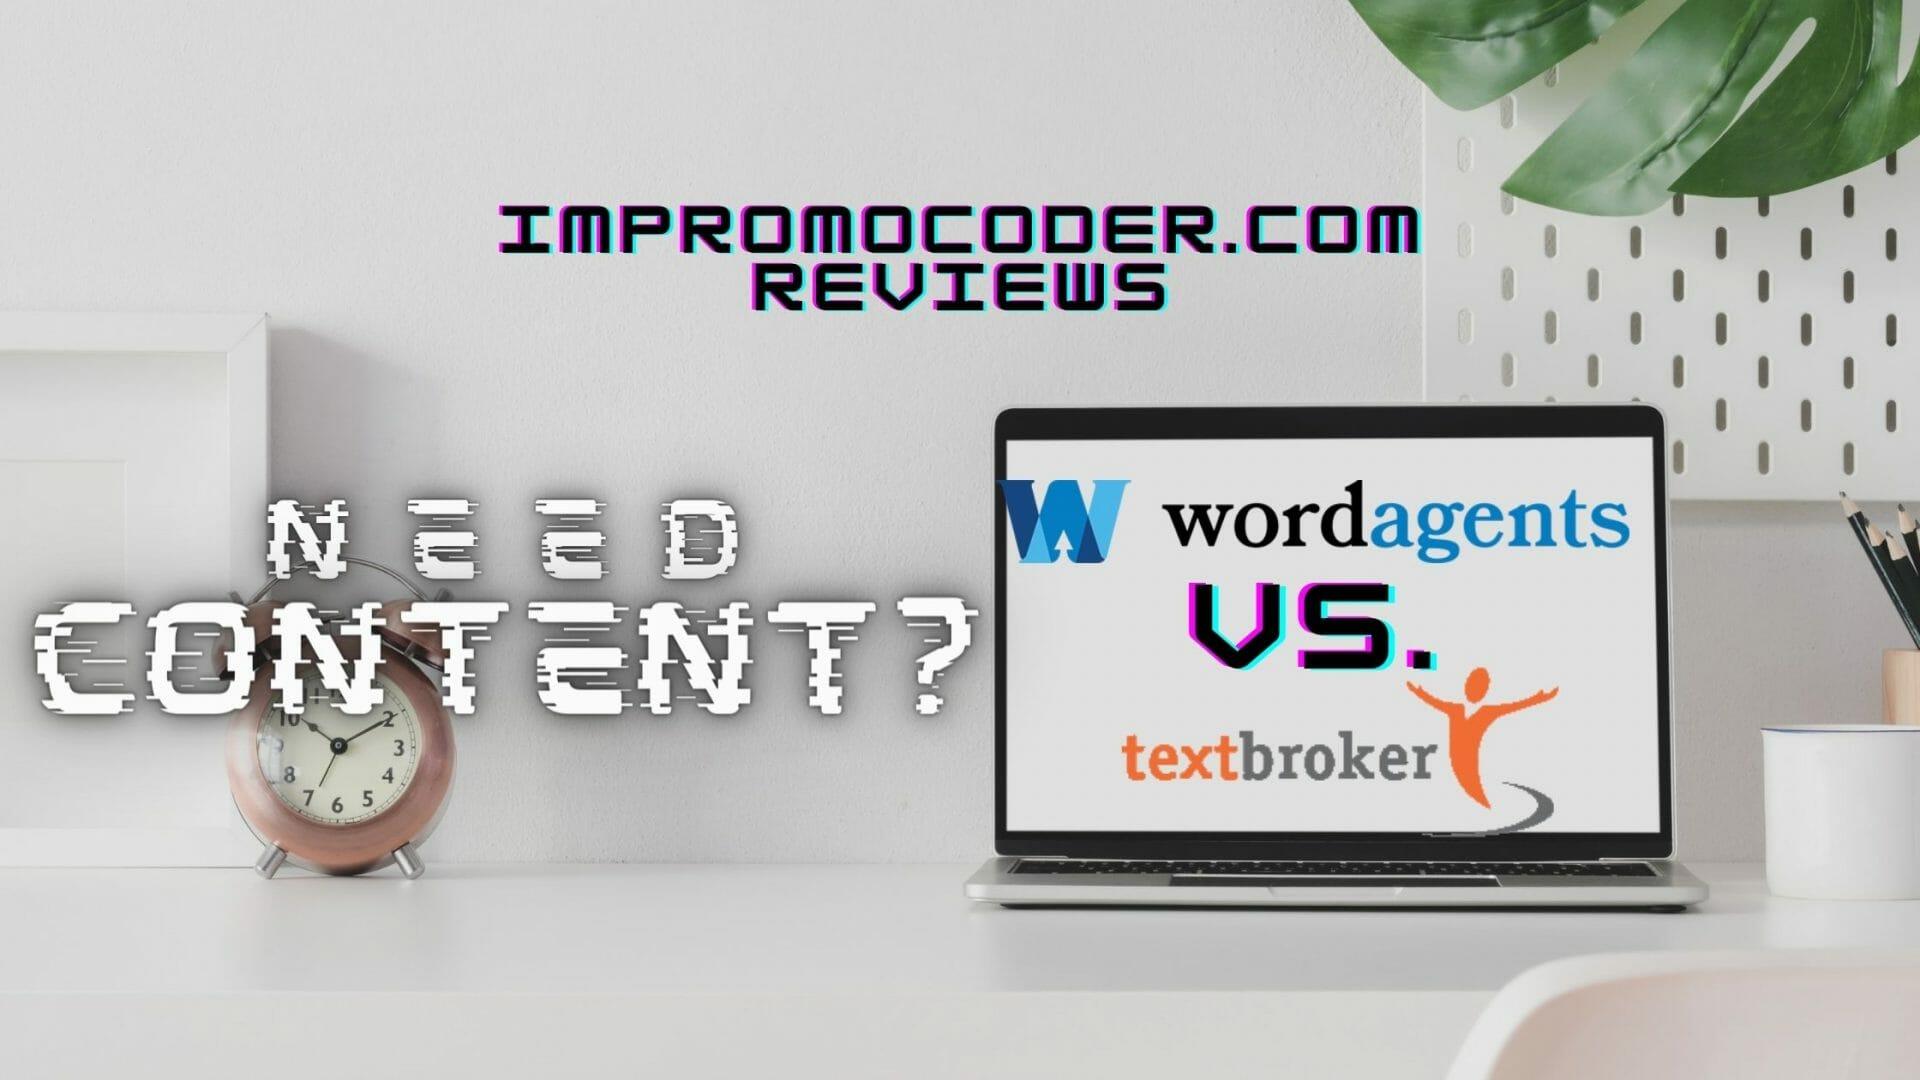 WordAgents vs Textbroker